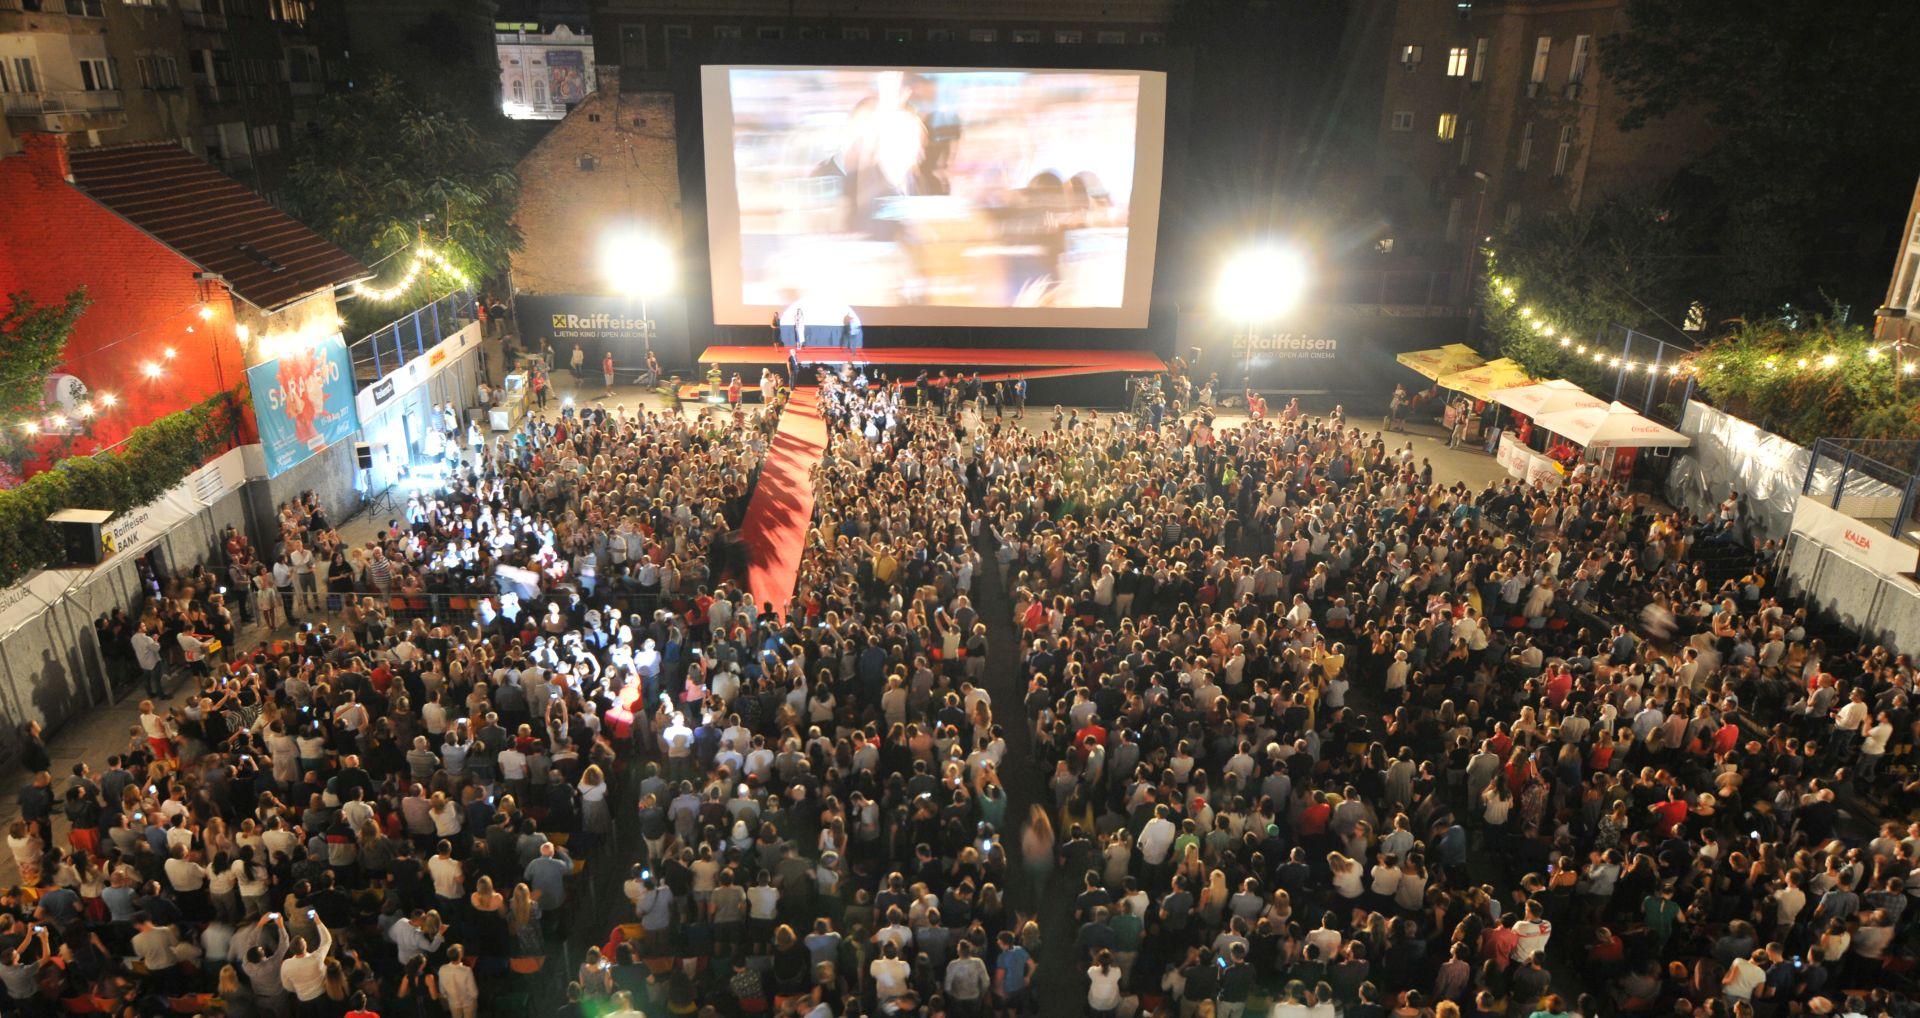 STUDIJA: Sarajevo Film Festival gradu donosi 30.8 milijuna dolara